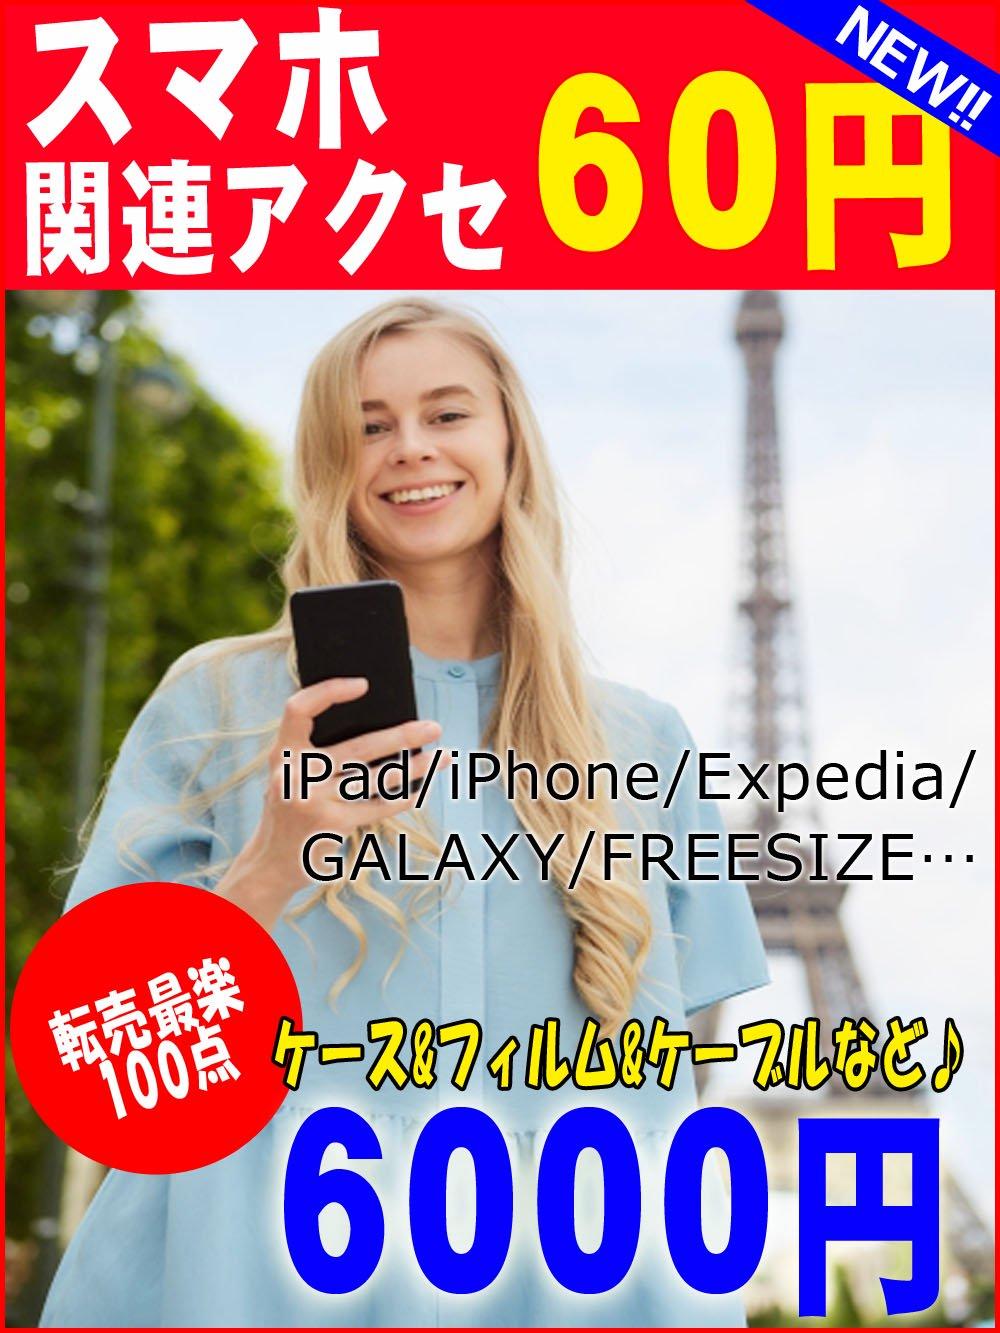 【 再販★リニューアル 】 iPhone XPERIA ipotnano ケース・保護フィルム アソートセット【100点】@60